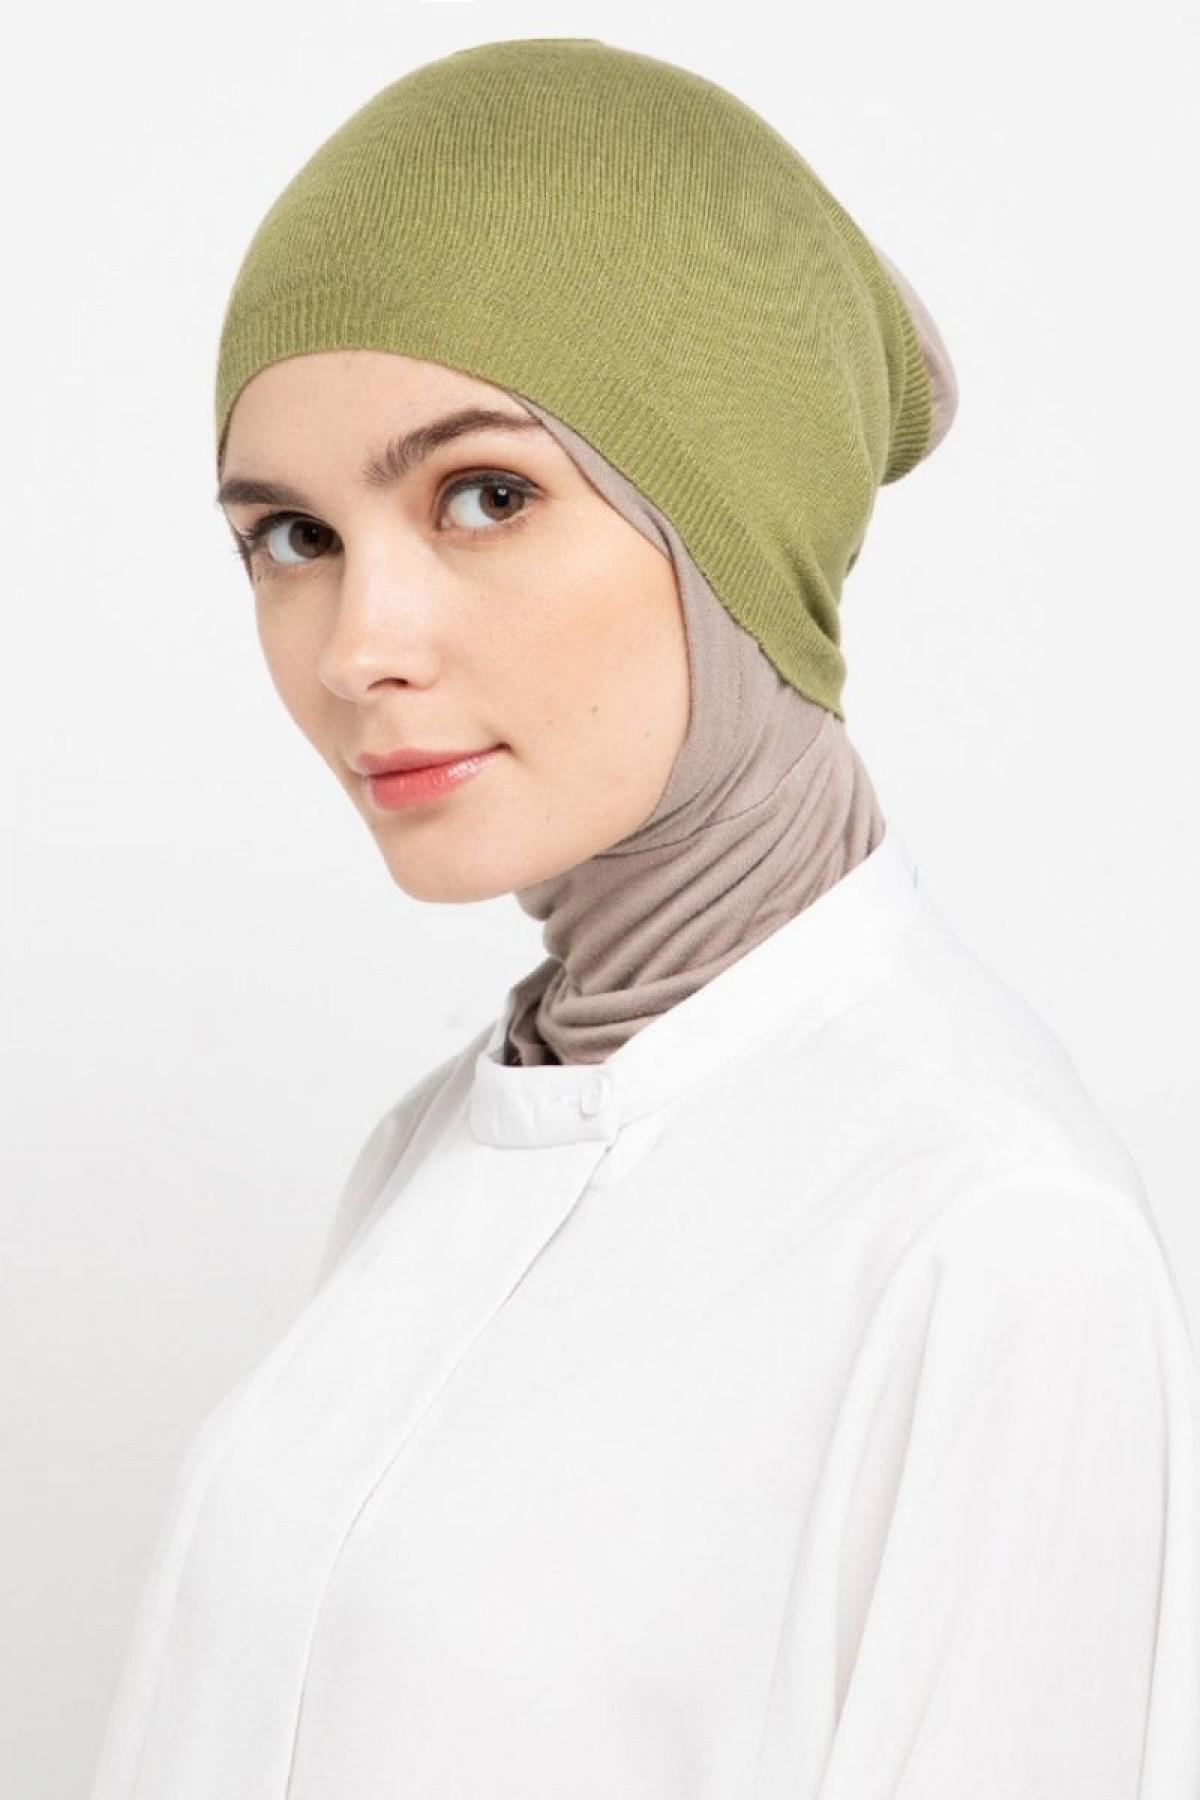 Headband Knitting Green Olive - L.tru